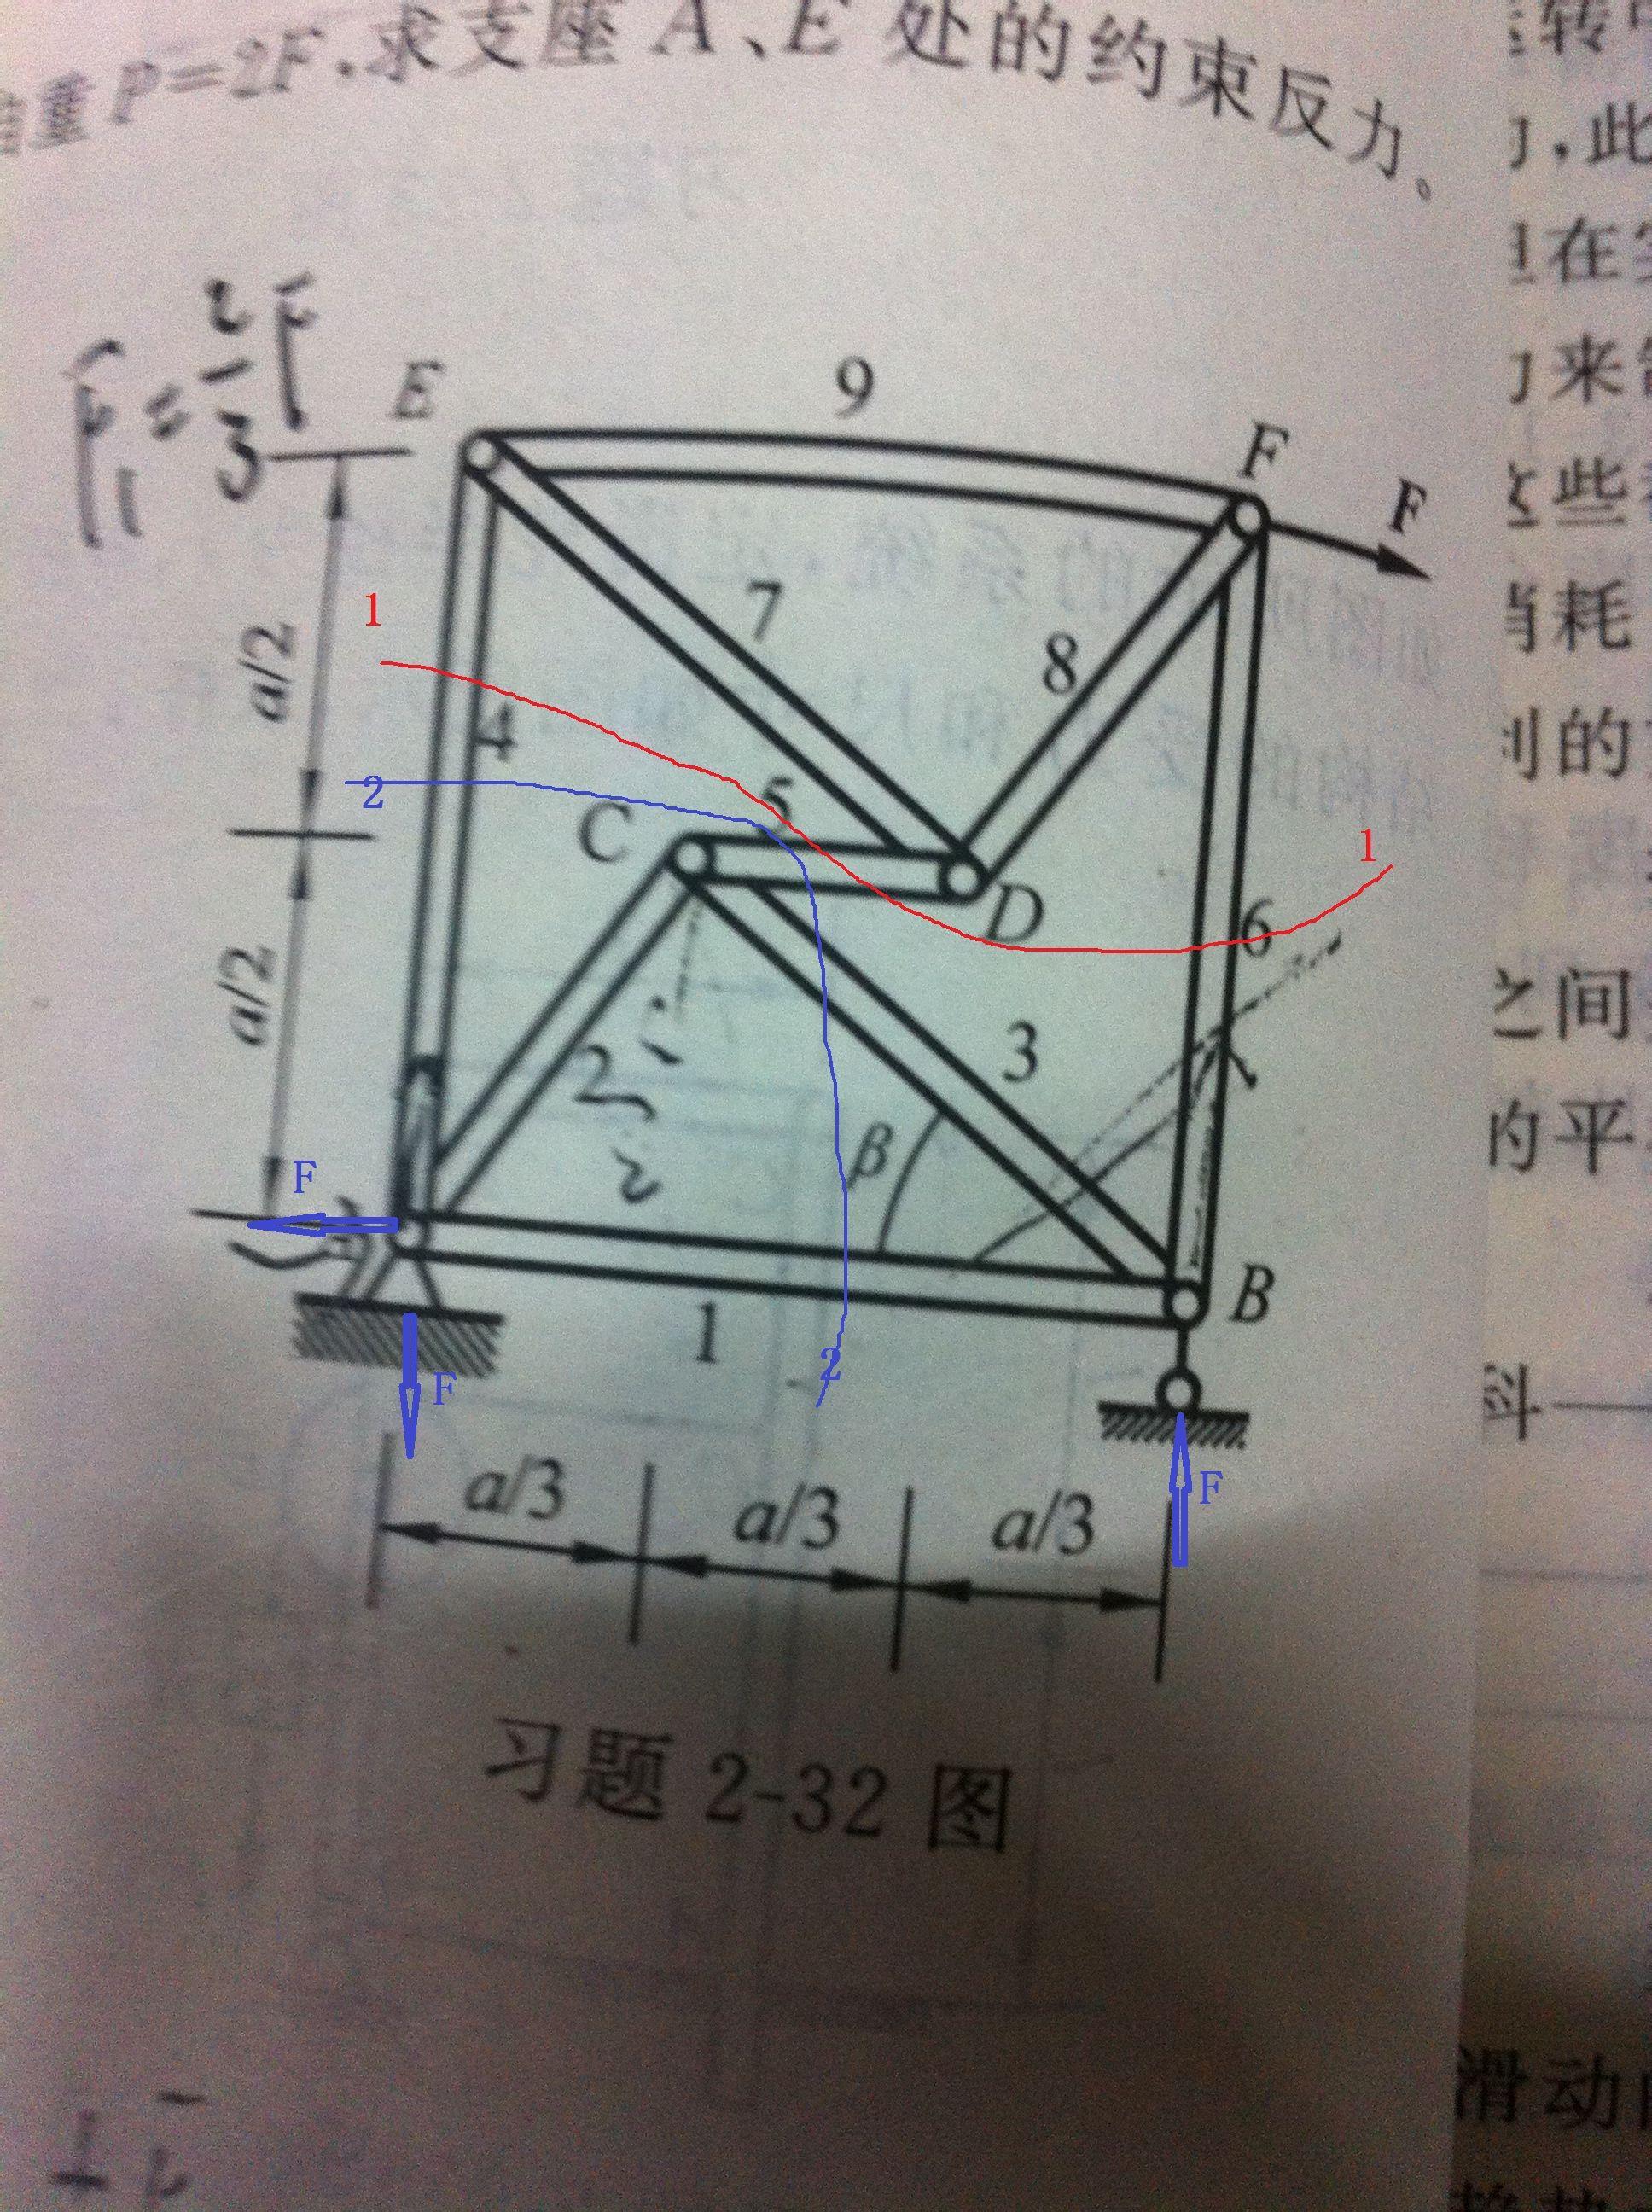 理论力学 桁架结构